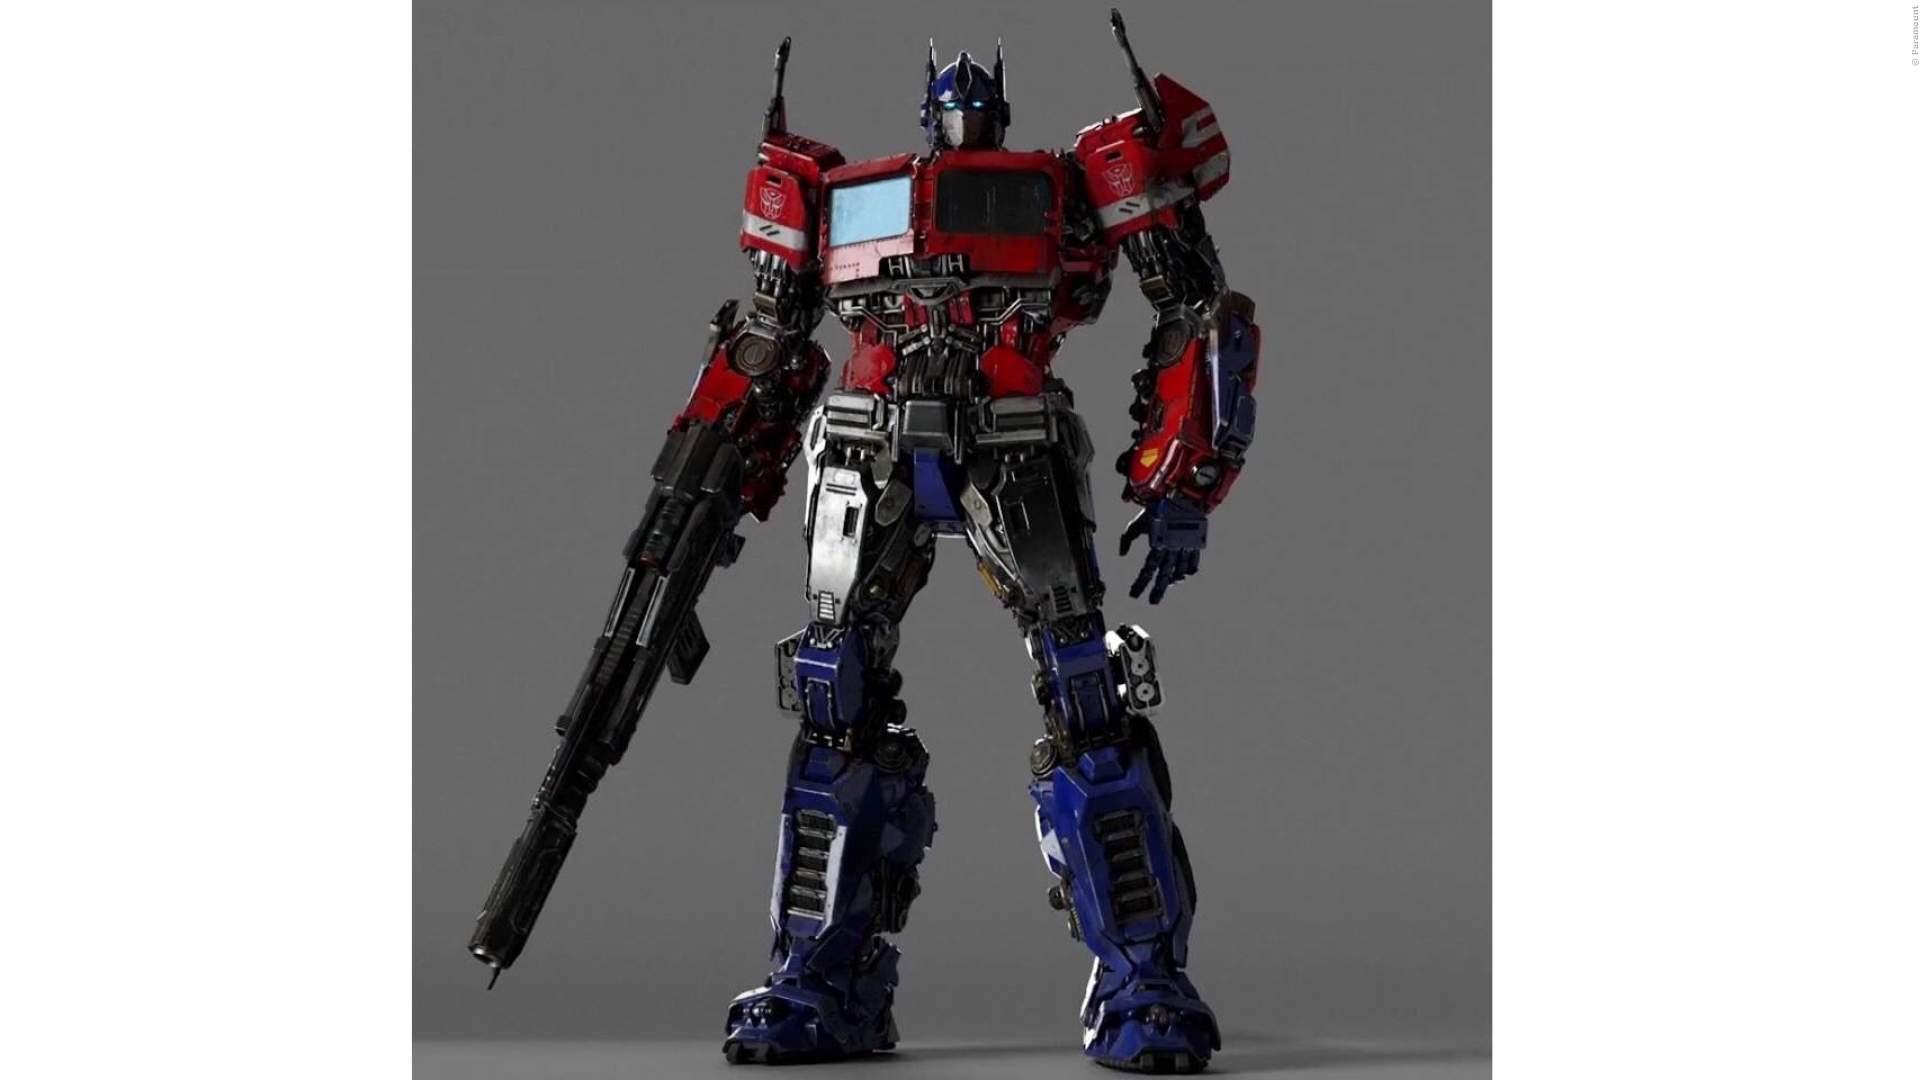 Bumblebee: Das ist der neue Optimus Prime im Transformers Spin-Off - Bild 1 von 1